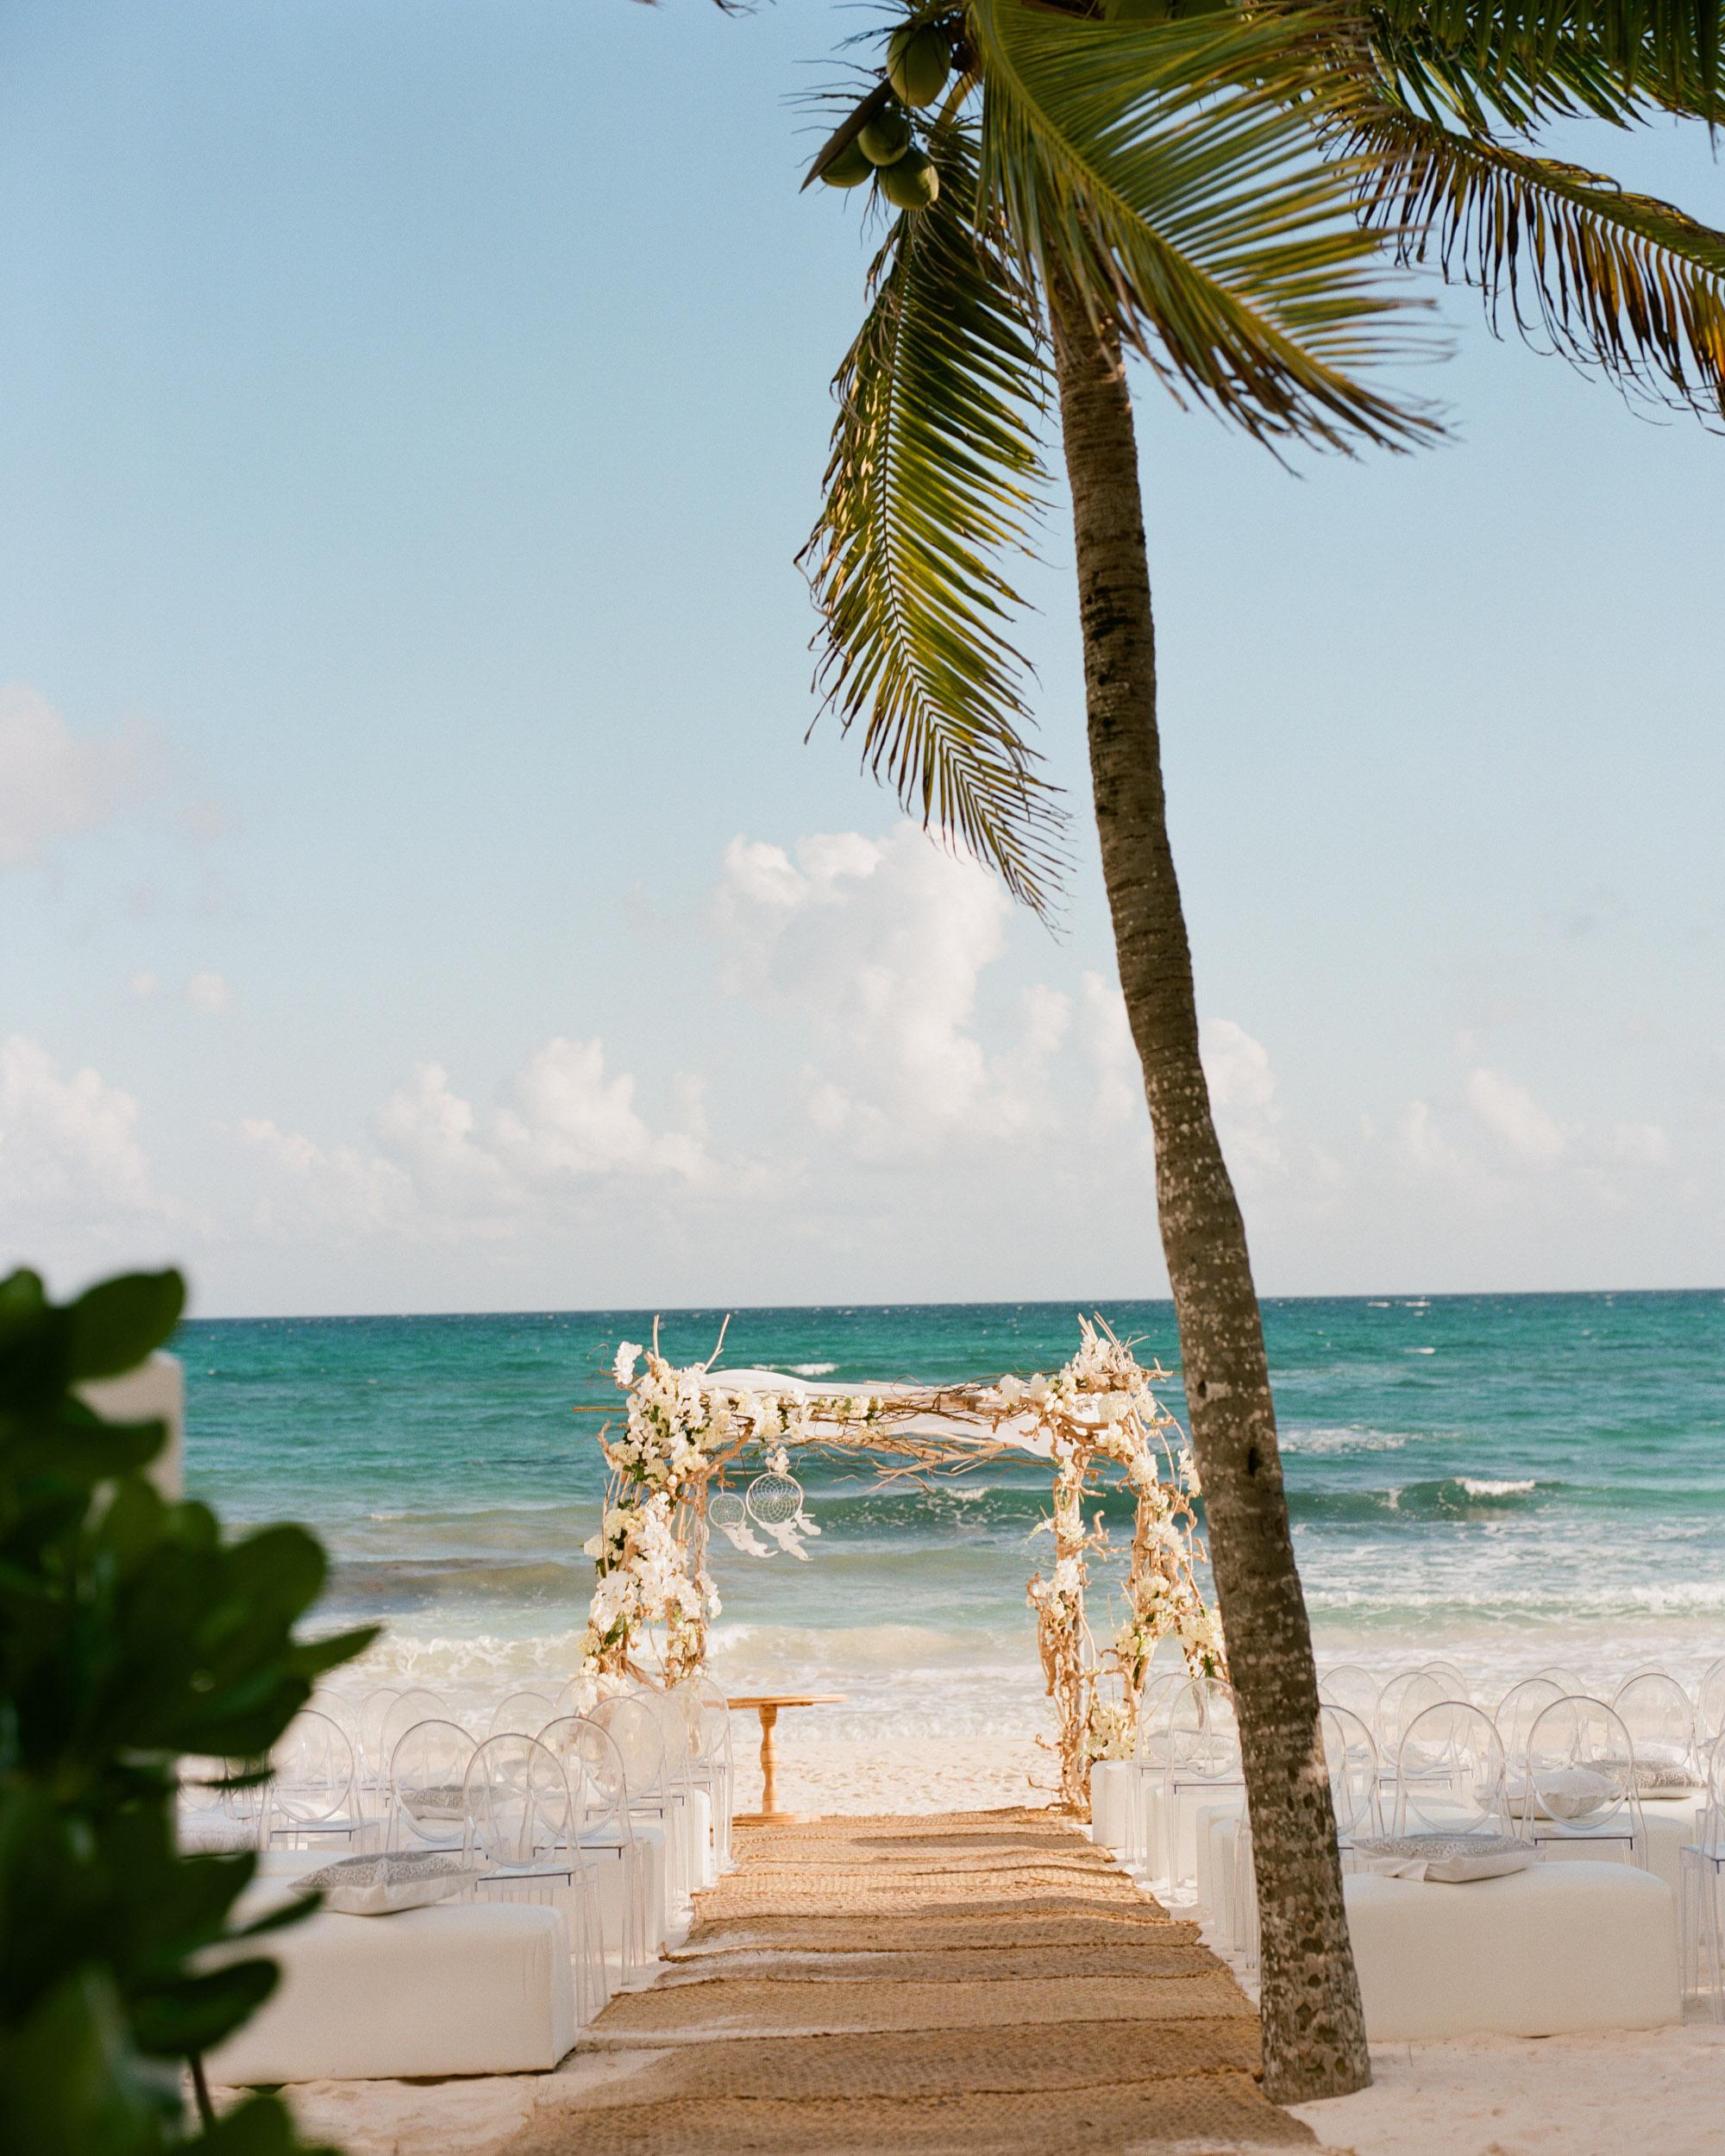 Hotel Esencia Wedding Photographer 25 1 - Hotel Esencia